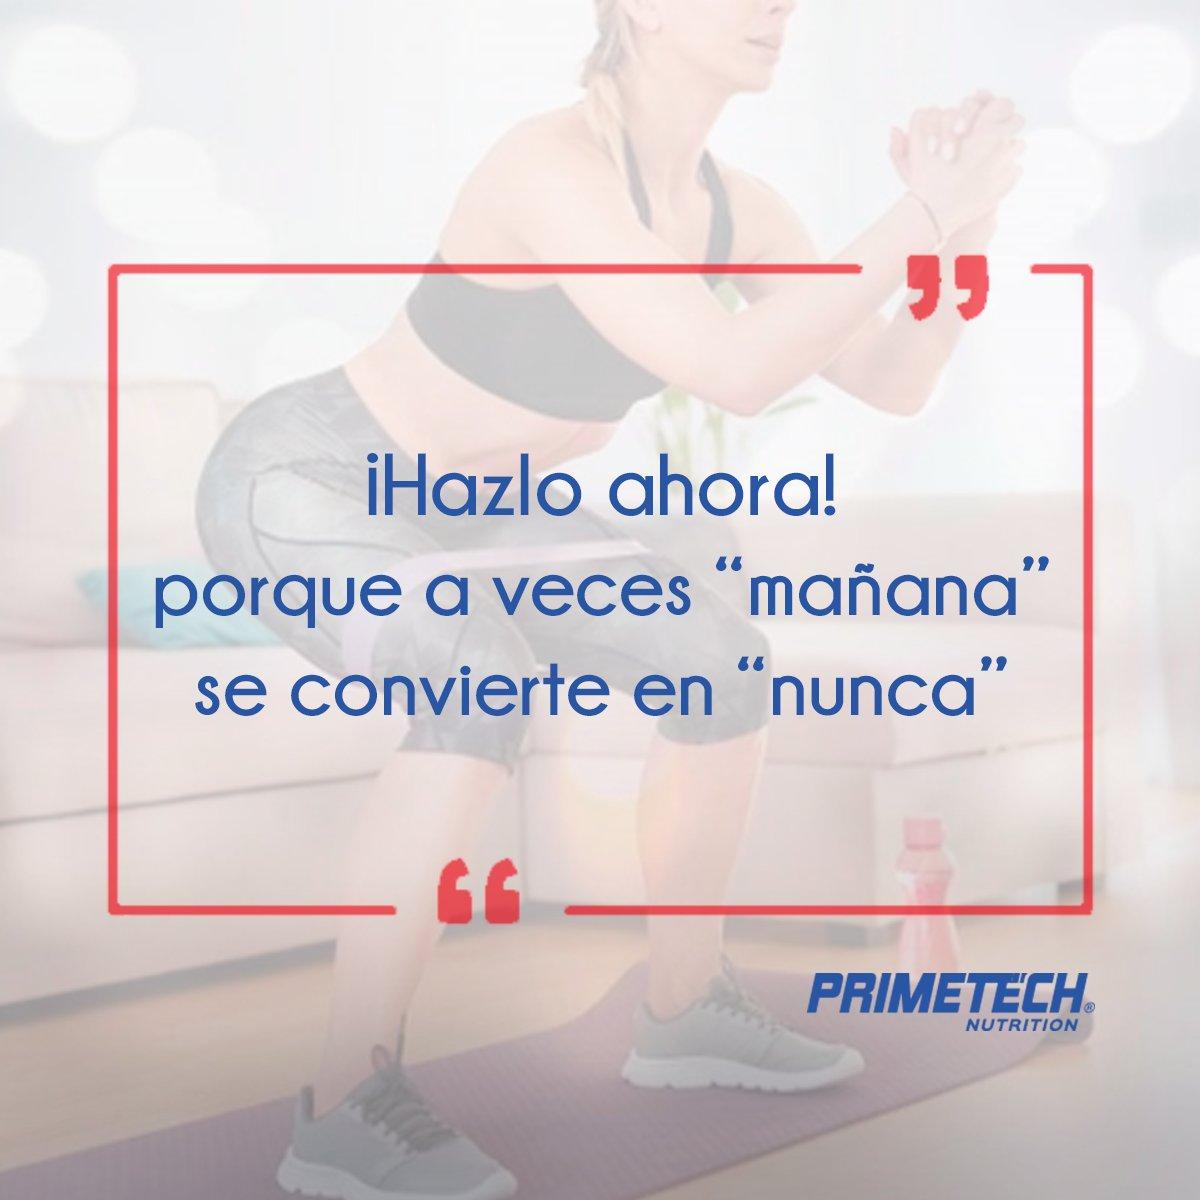 Determinación, disciplina, perseverancia y #PrimeTeh para lograr tus metas 💪😎   #motivación #gym #ejercicio #fitness